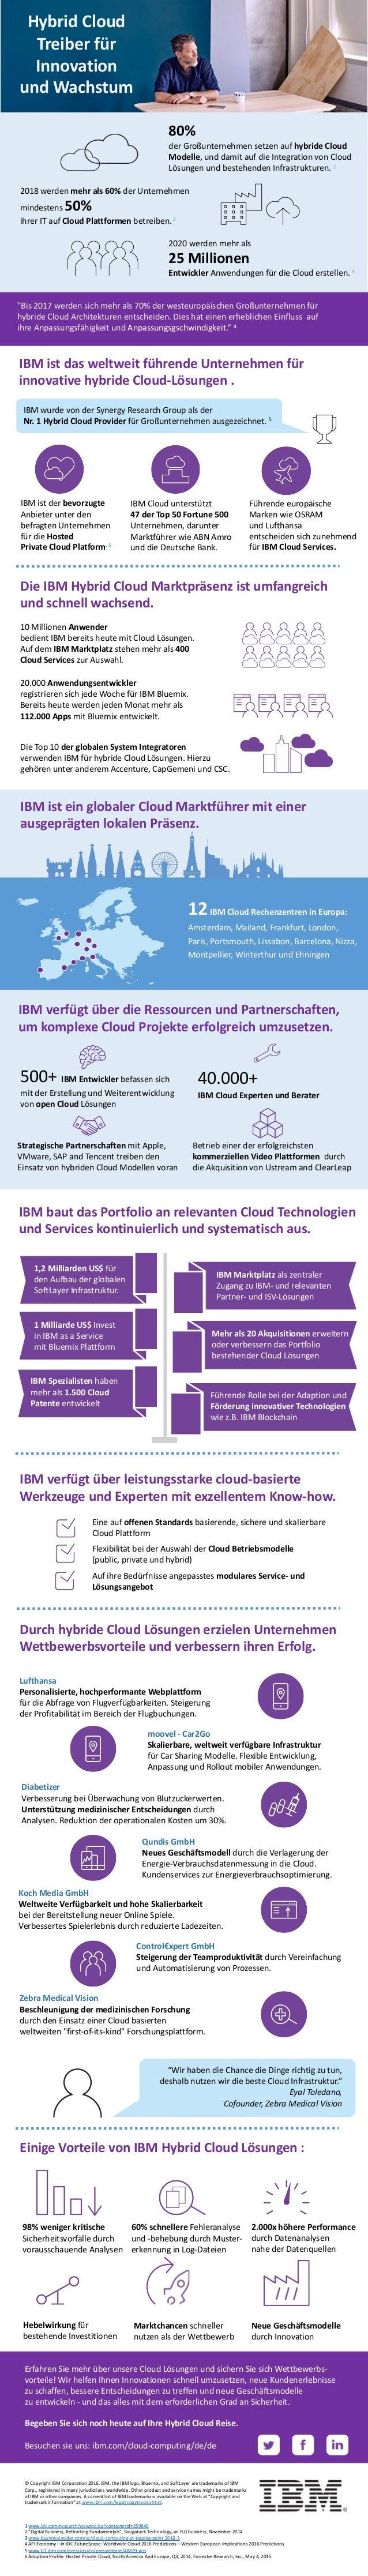 HybridCloud Treiberfür Innovation undWachstum 80% derGroßunternehmensetzenaufhybrideCloud Modelle,unddamitauf...